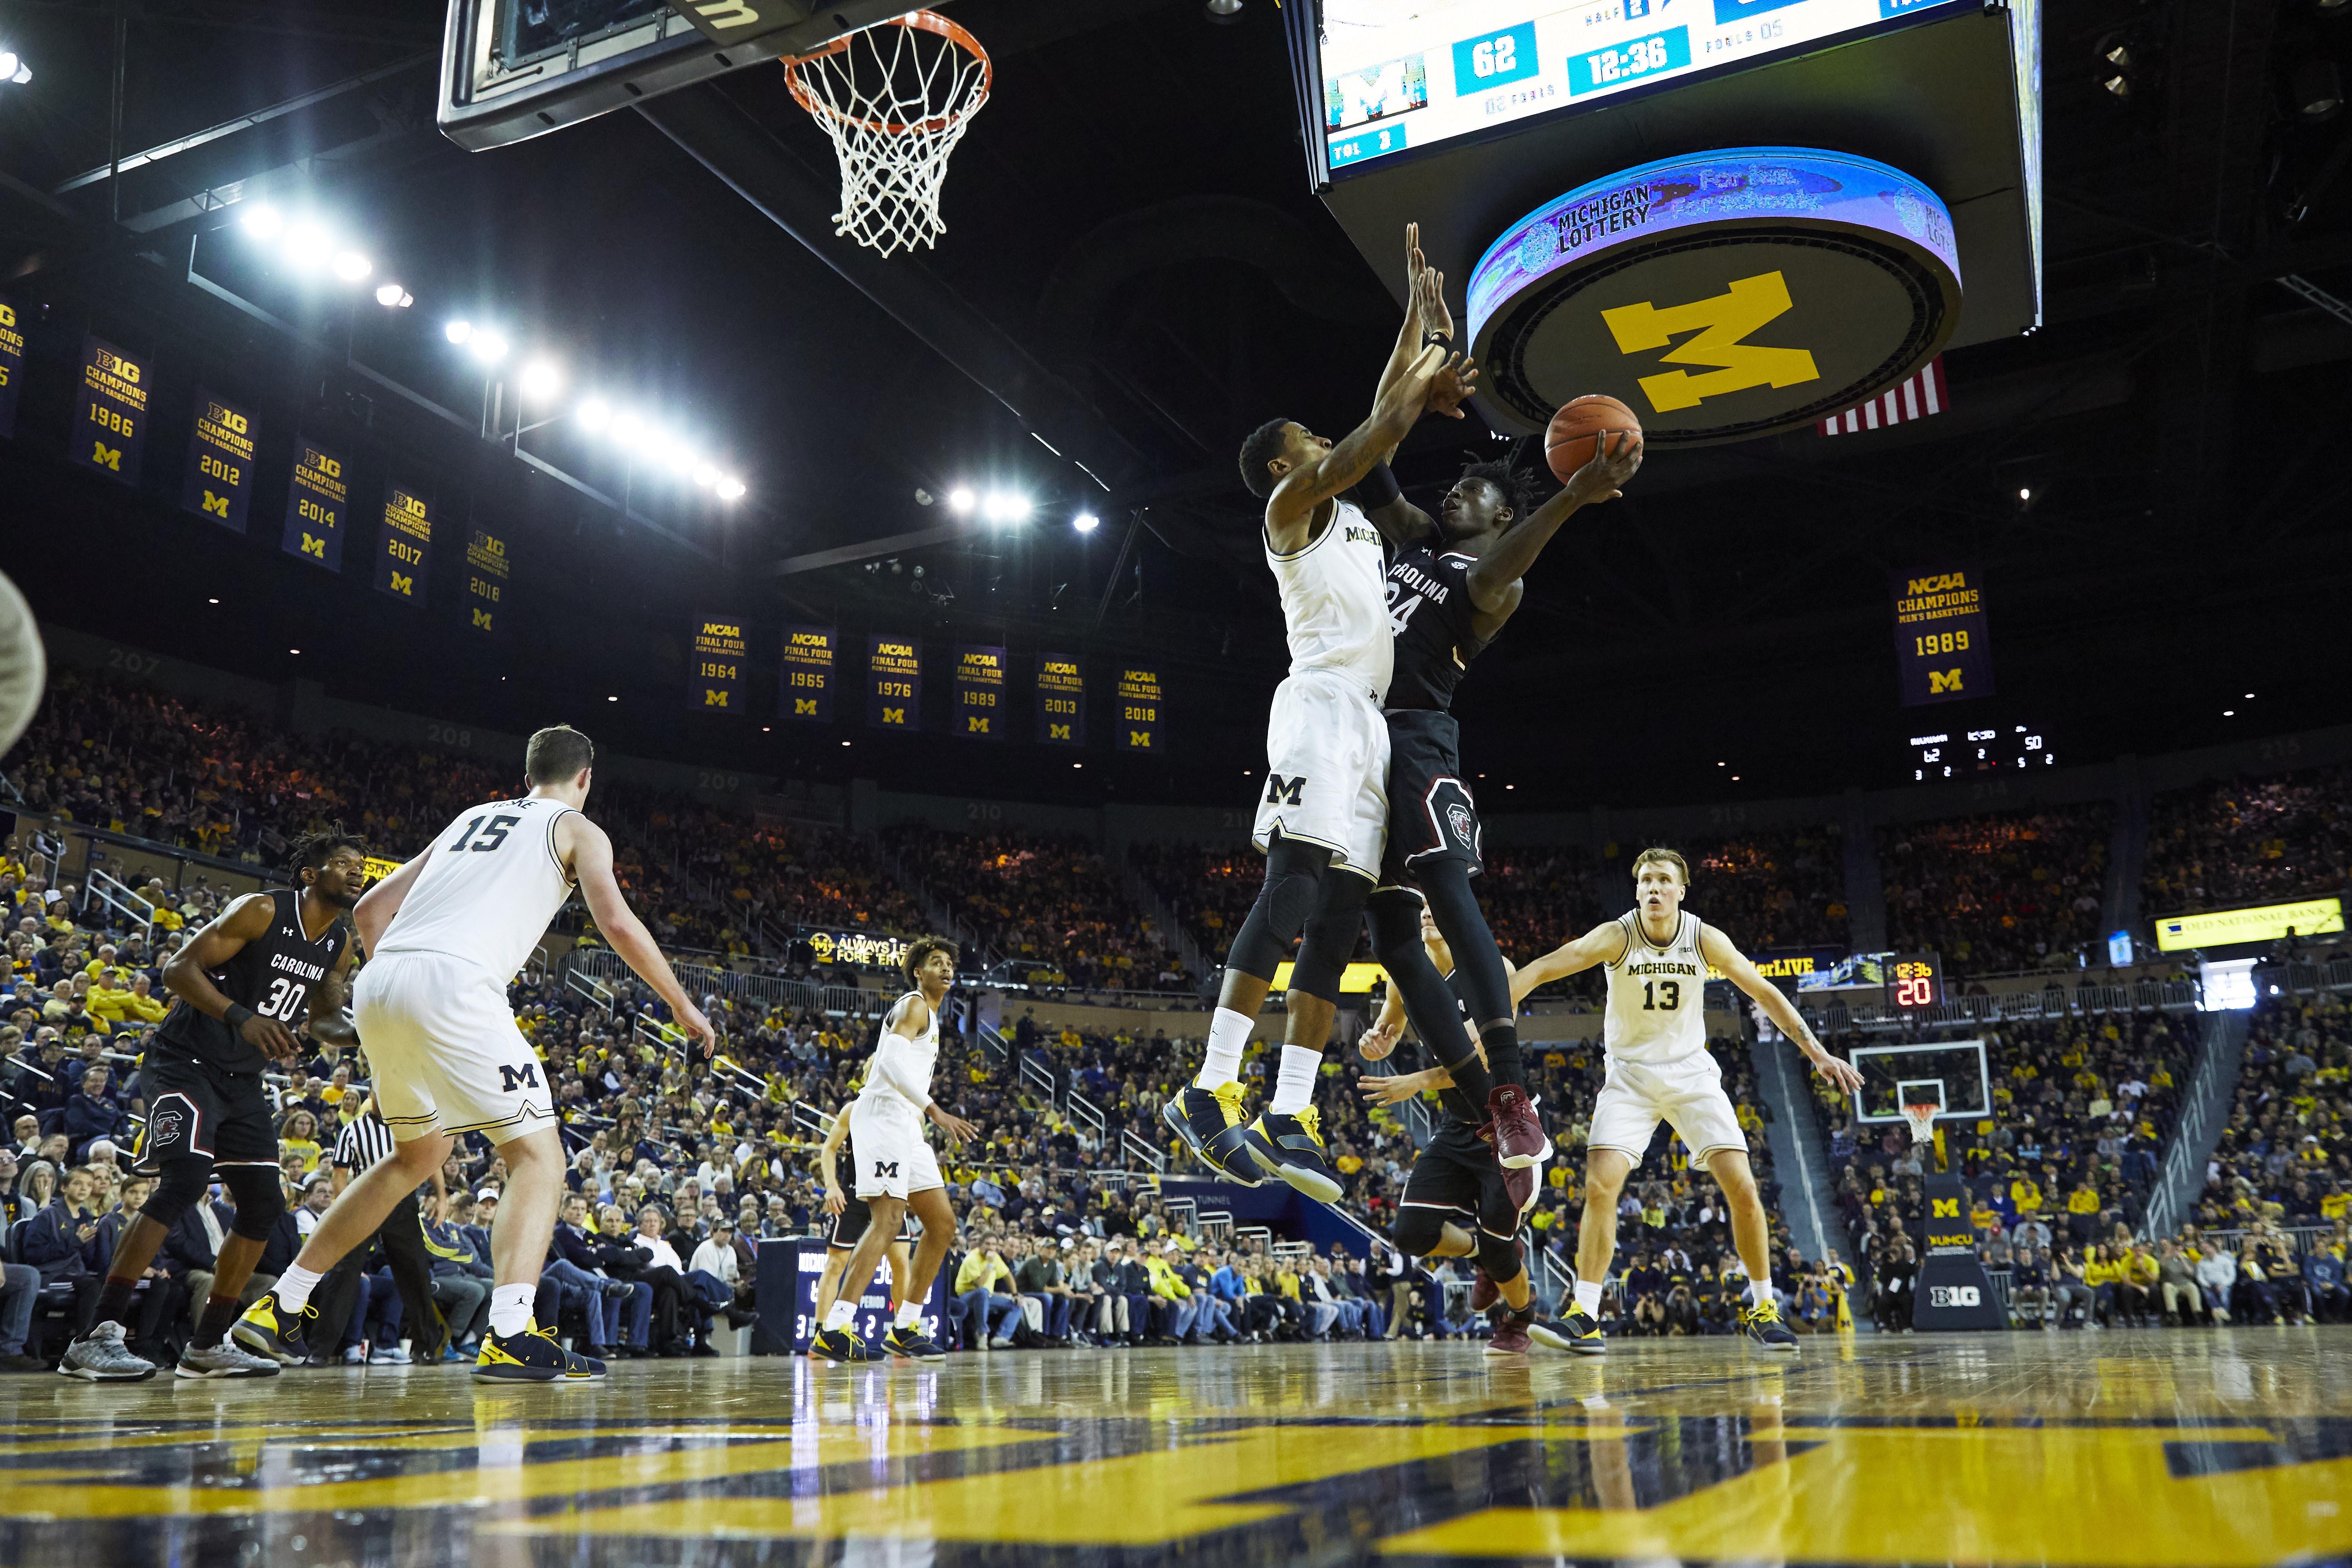 NCAA Basketball: South Carolina at Michigan